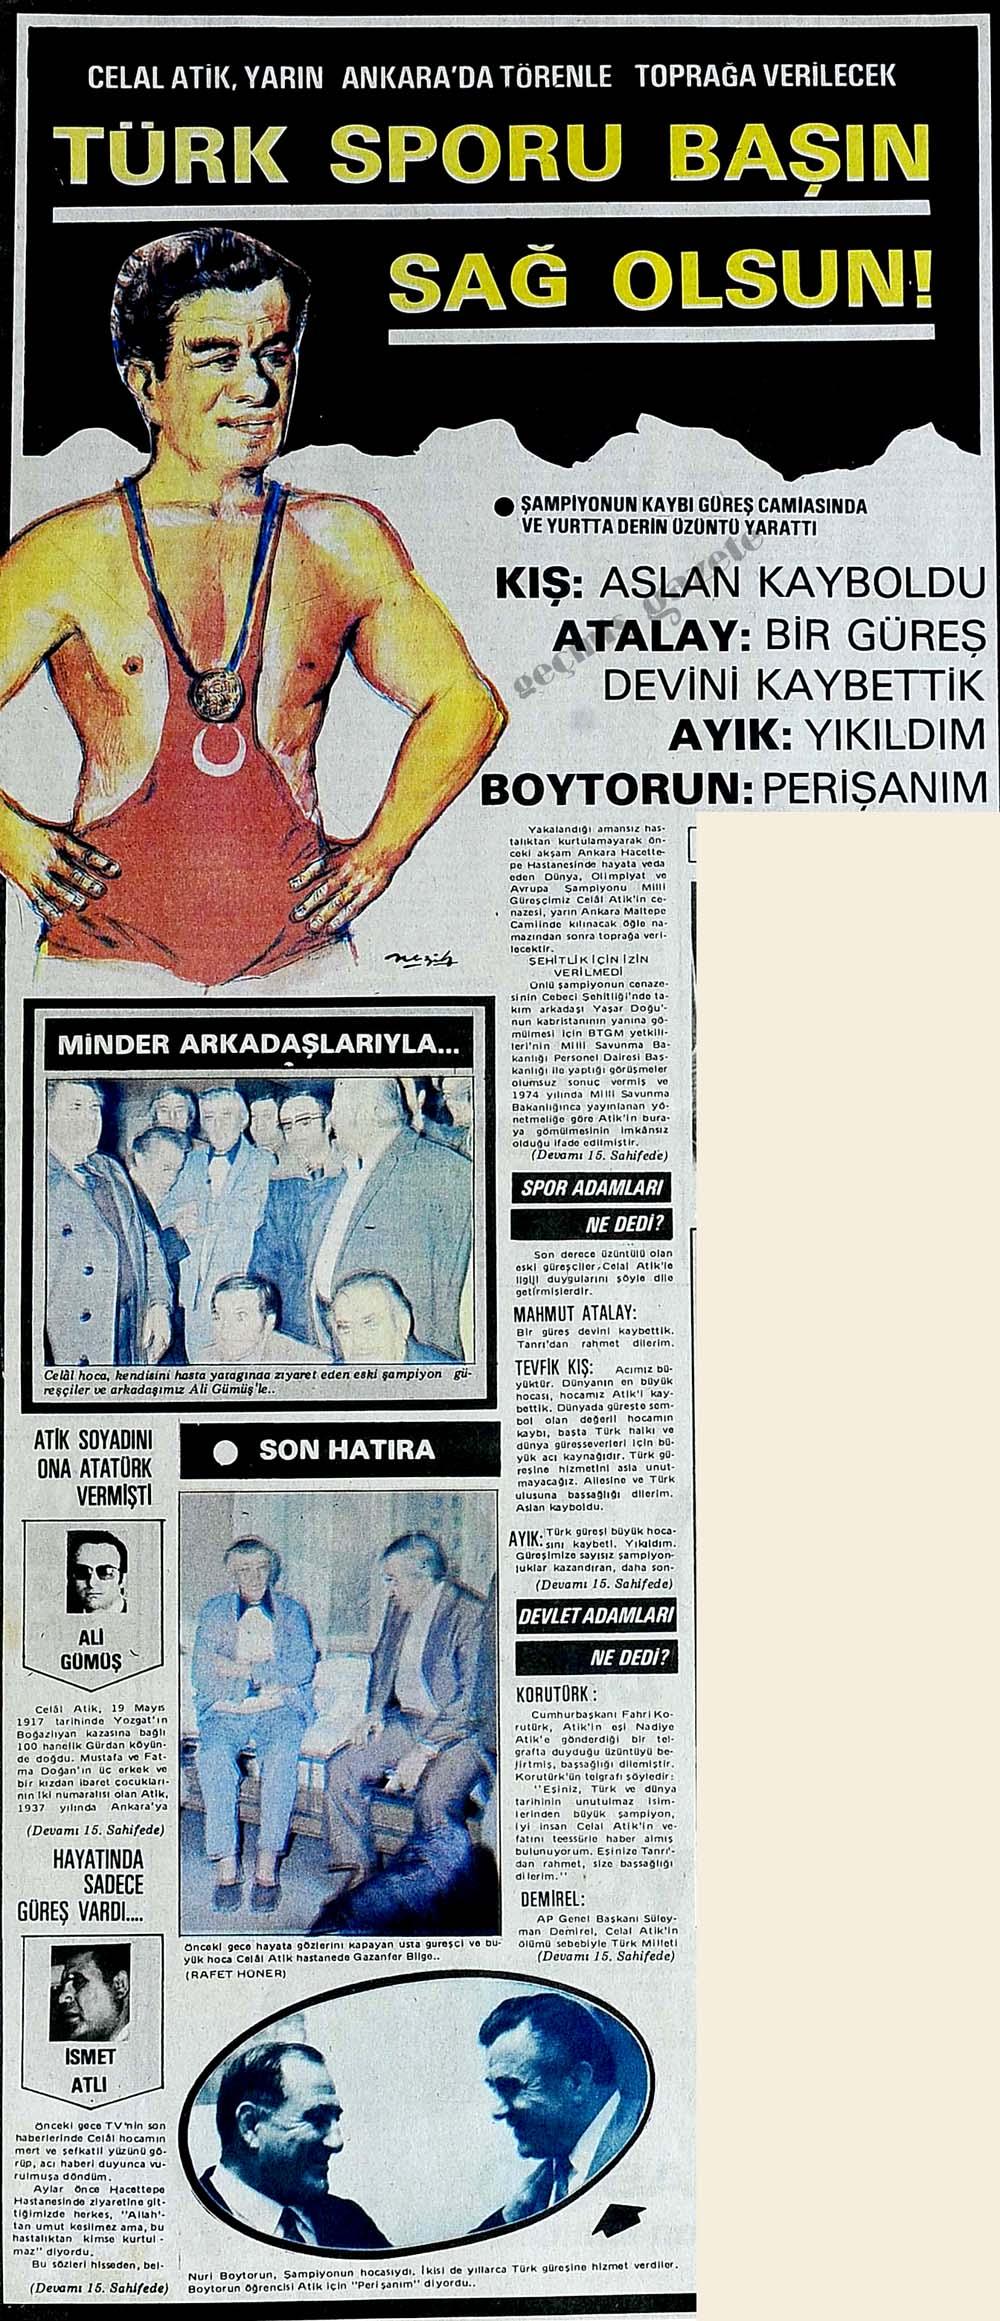 Türk sporu başın sağ olsun!